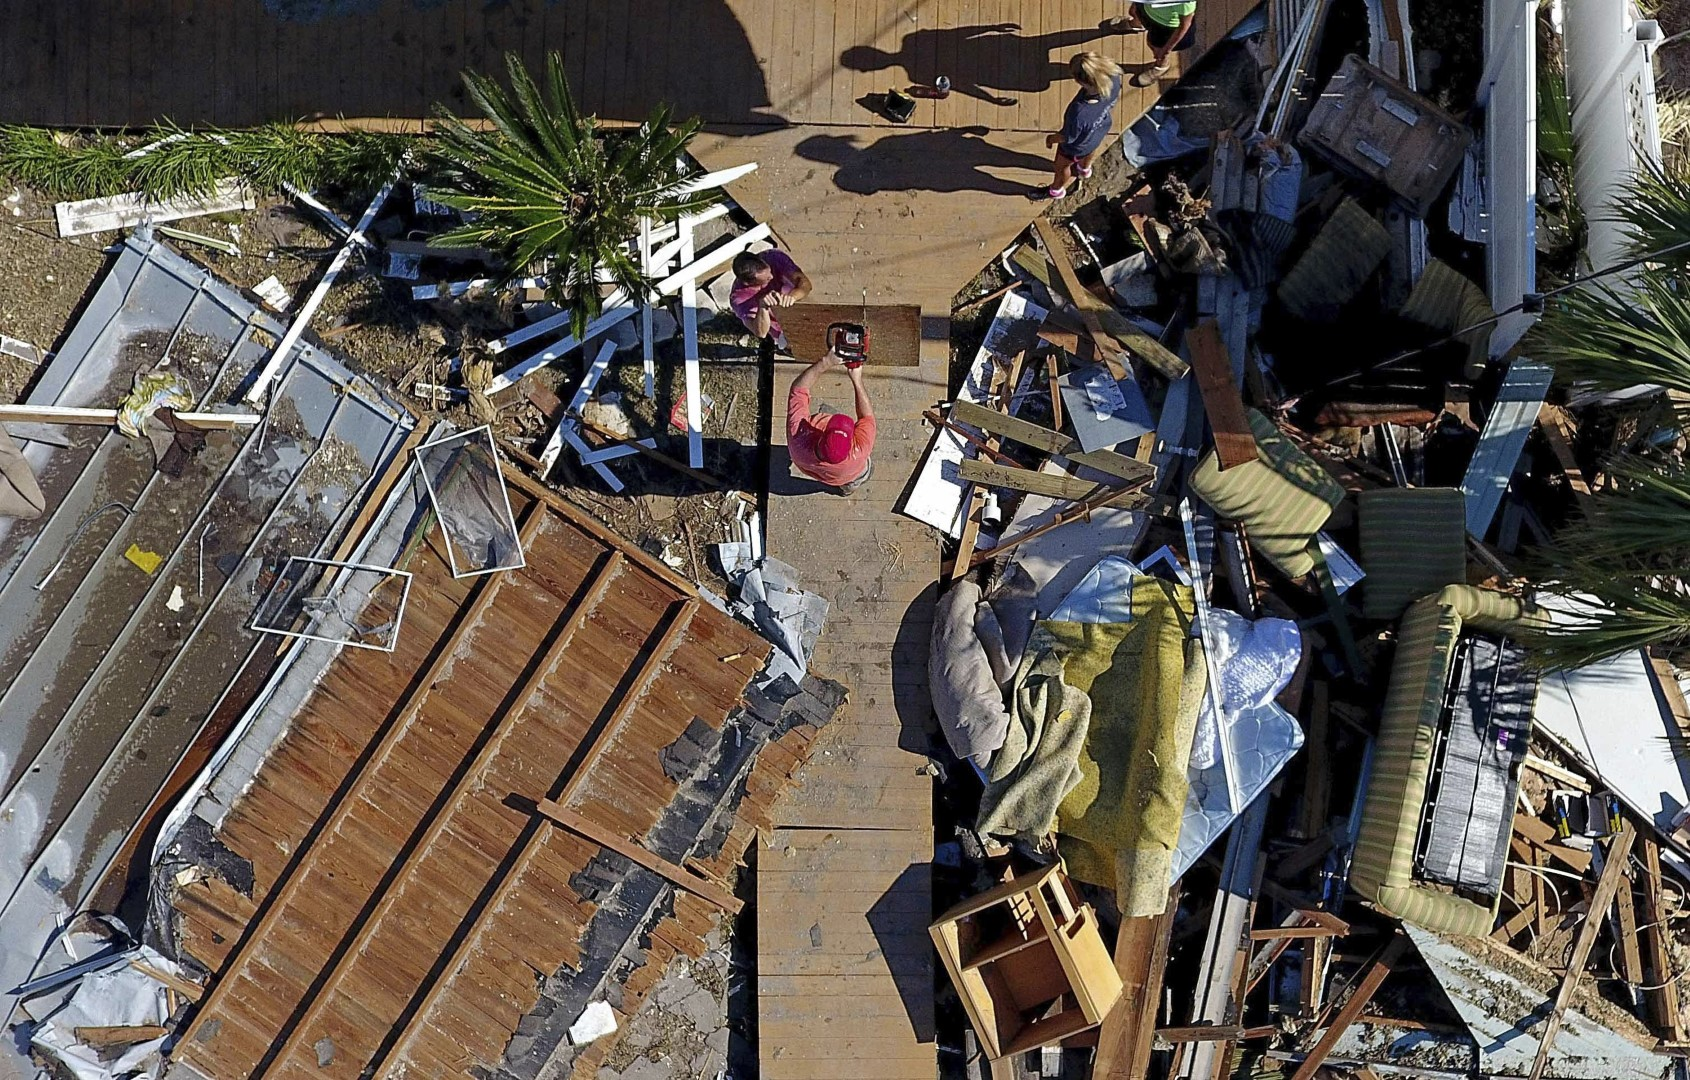 Florida officials fear Michael\'s death toll will rise - Florida Politics